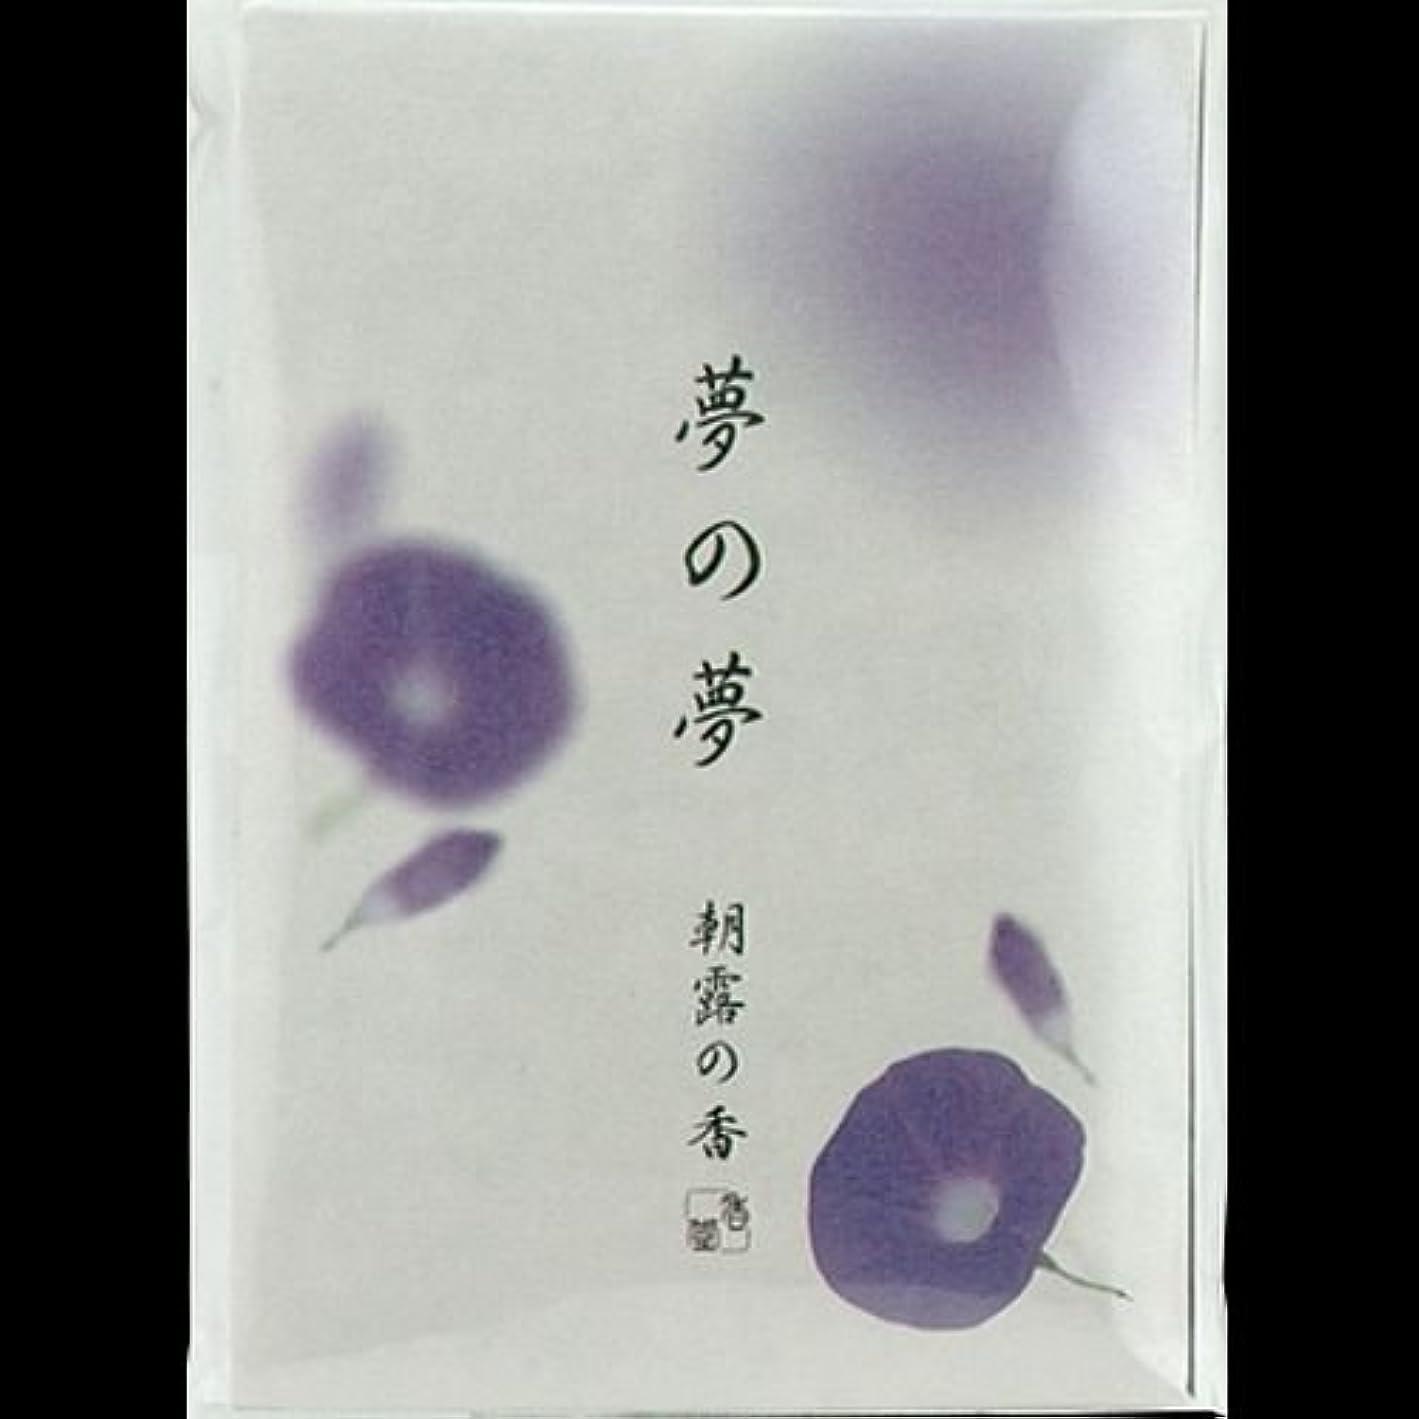 【まとめ買い】夢の夢 朝露(あさつゆ) スティック12本入 ×2セット